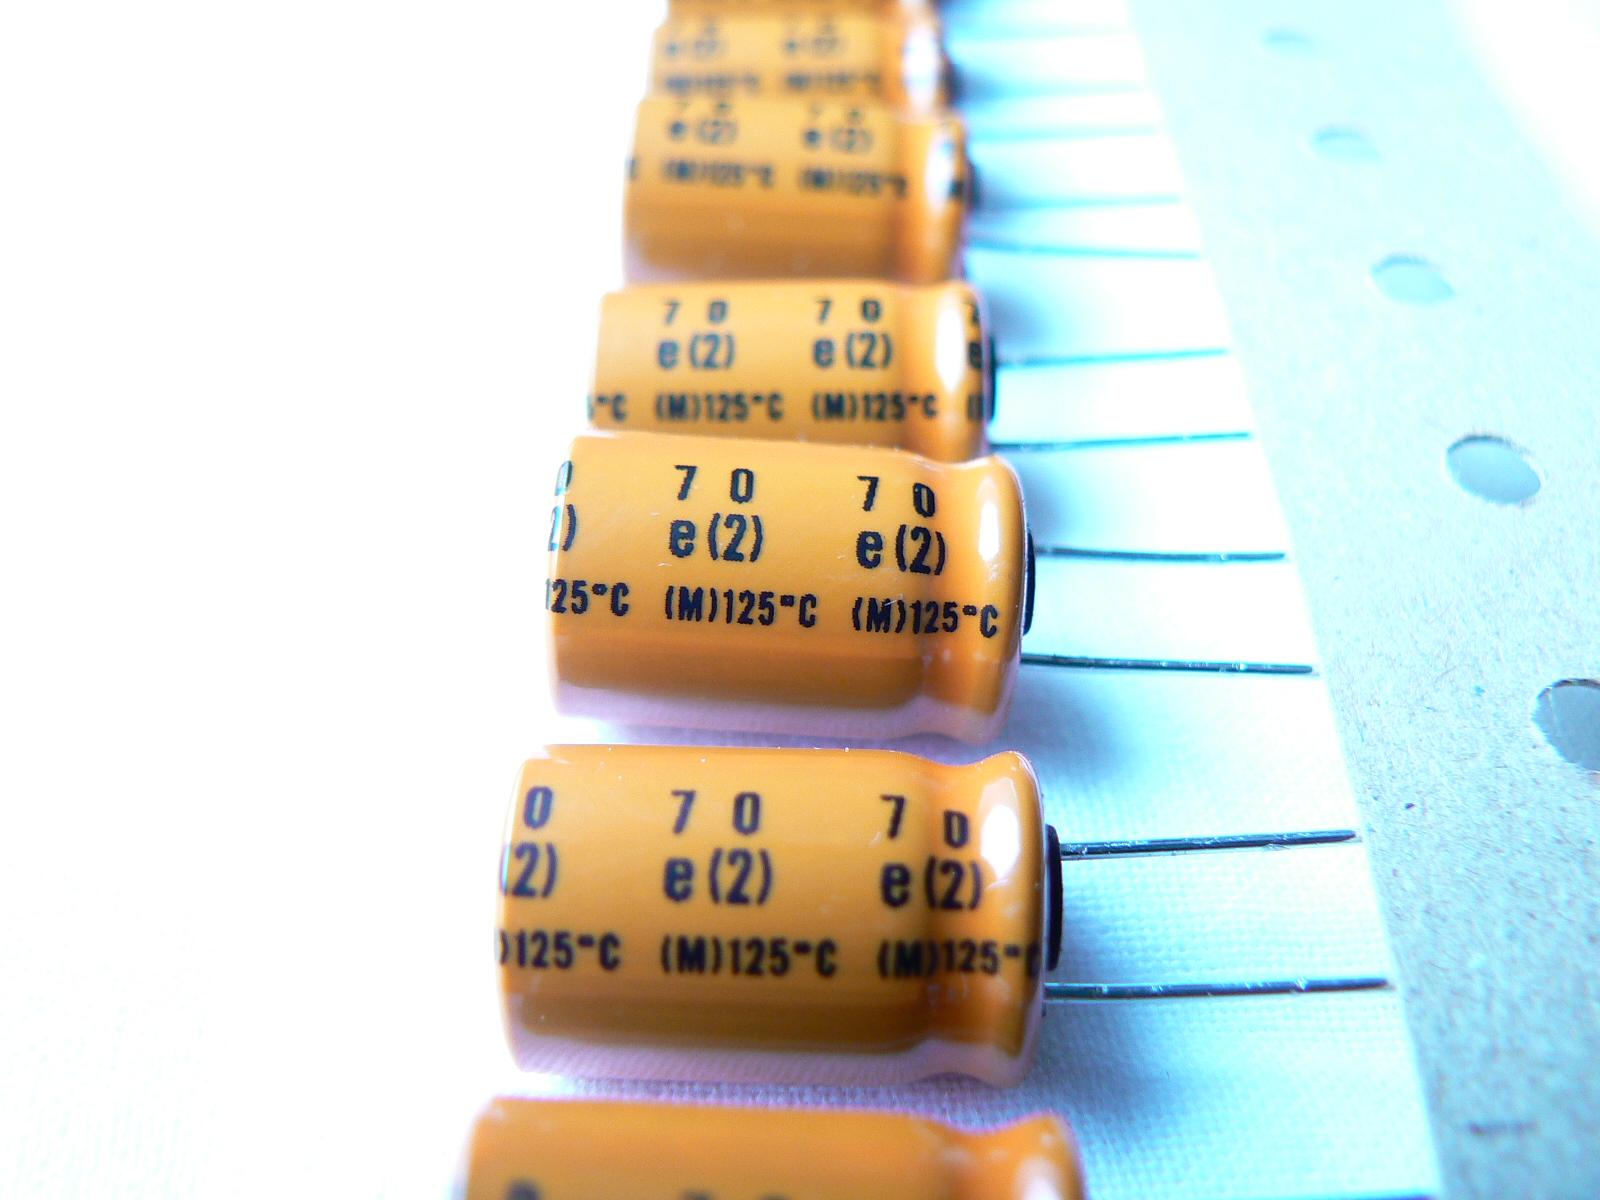 [Sprzedam] Kondensatory Nippon Chemicon GXE: 100,220uF 35V 125*C